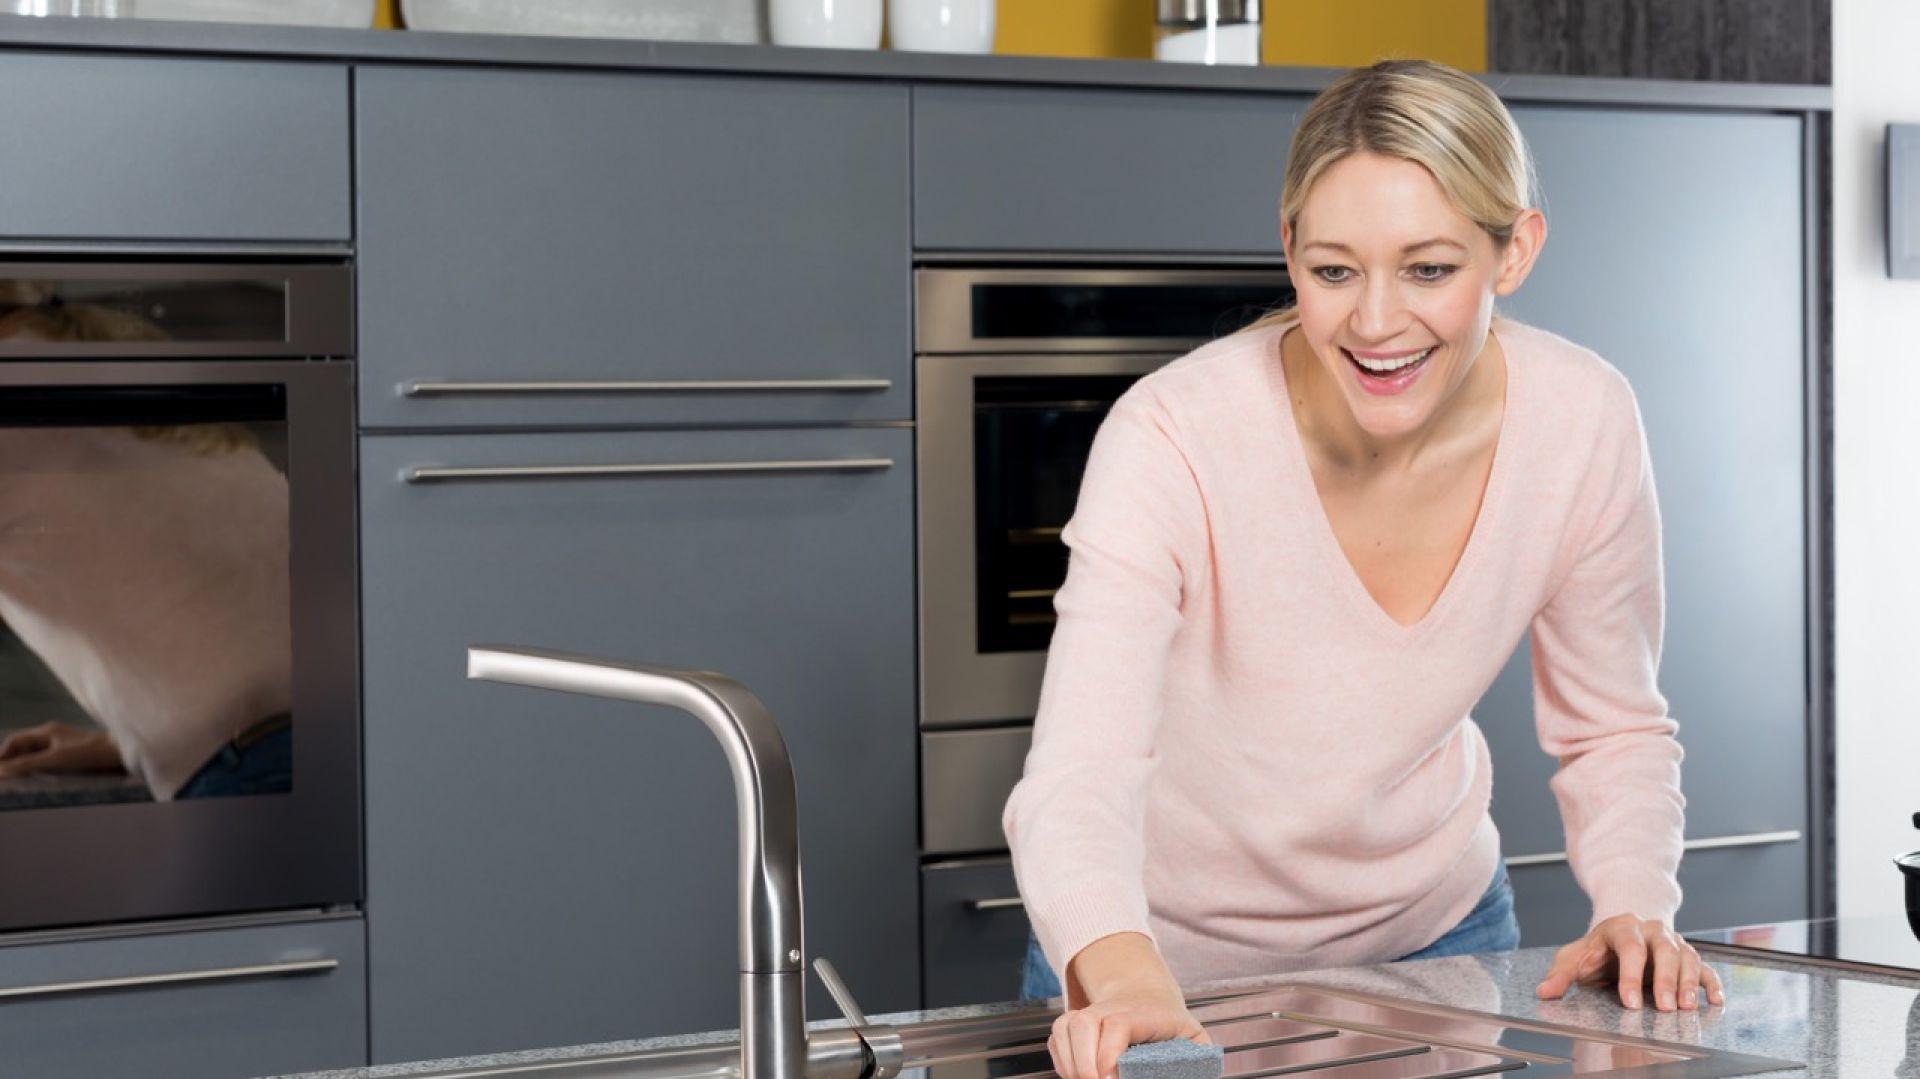 Wiosenne porządki w kuchni. Zmywak Inox Clean & Protect marki Vileda. Fot. Vileda